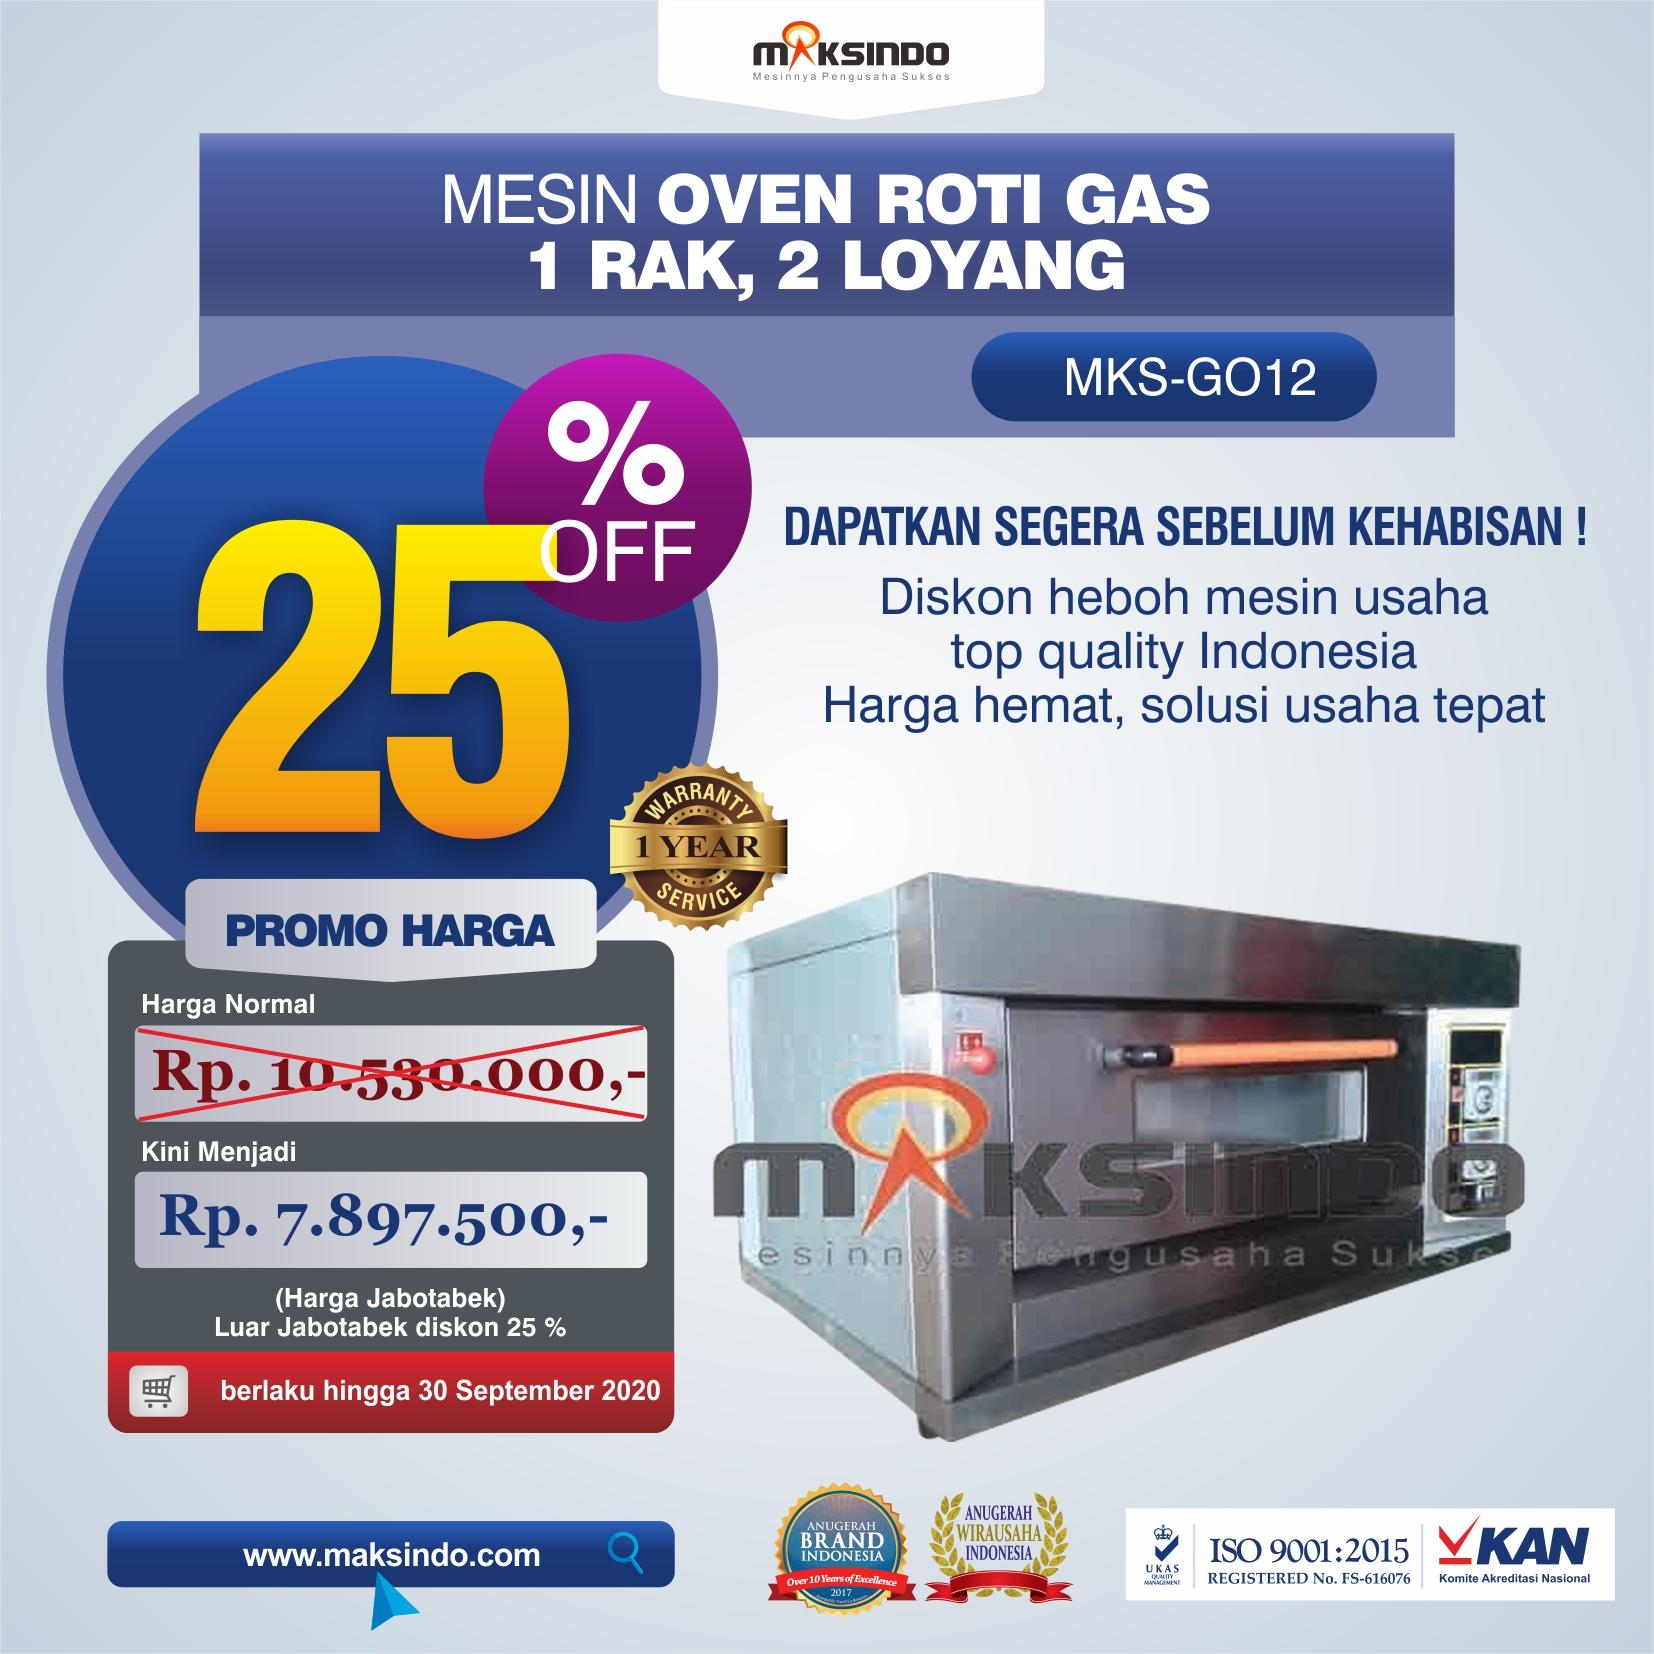 Jual Mesin Oven Gas 2 Loyang (MKS-GO12) di Bekasi